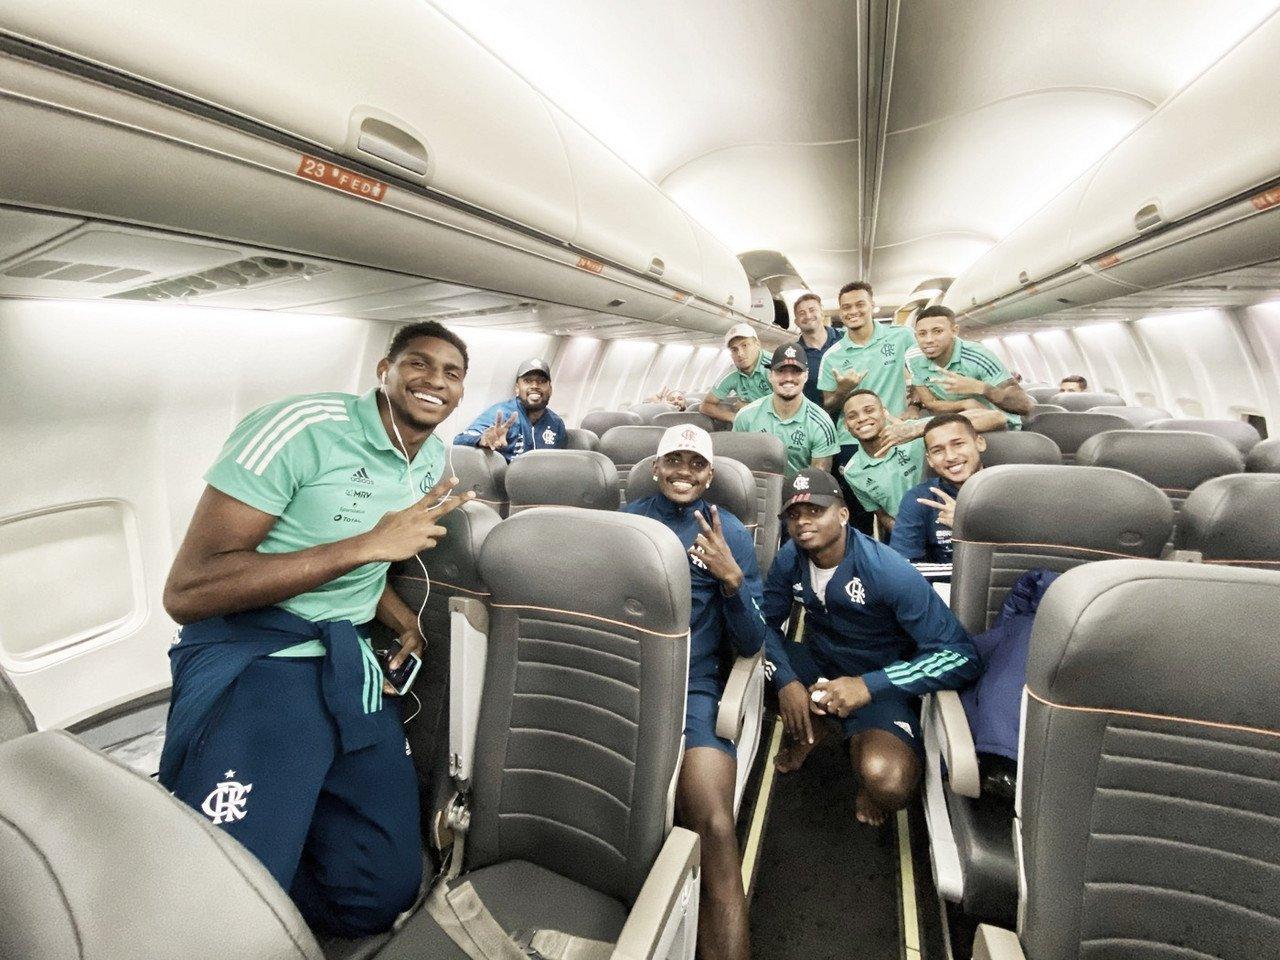 Surto de Covid-19 evidencia falhas nos protocolos de segurança no Flamengo